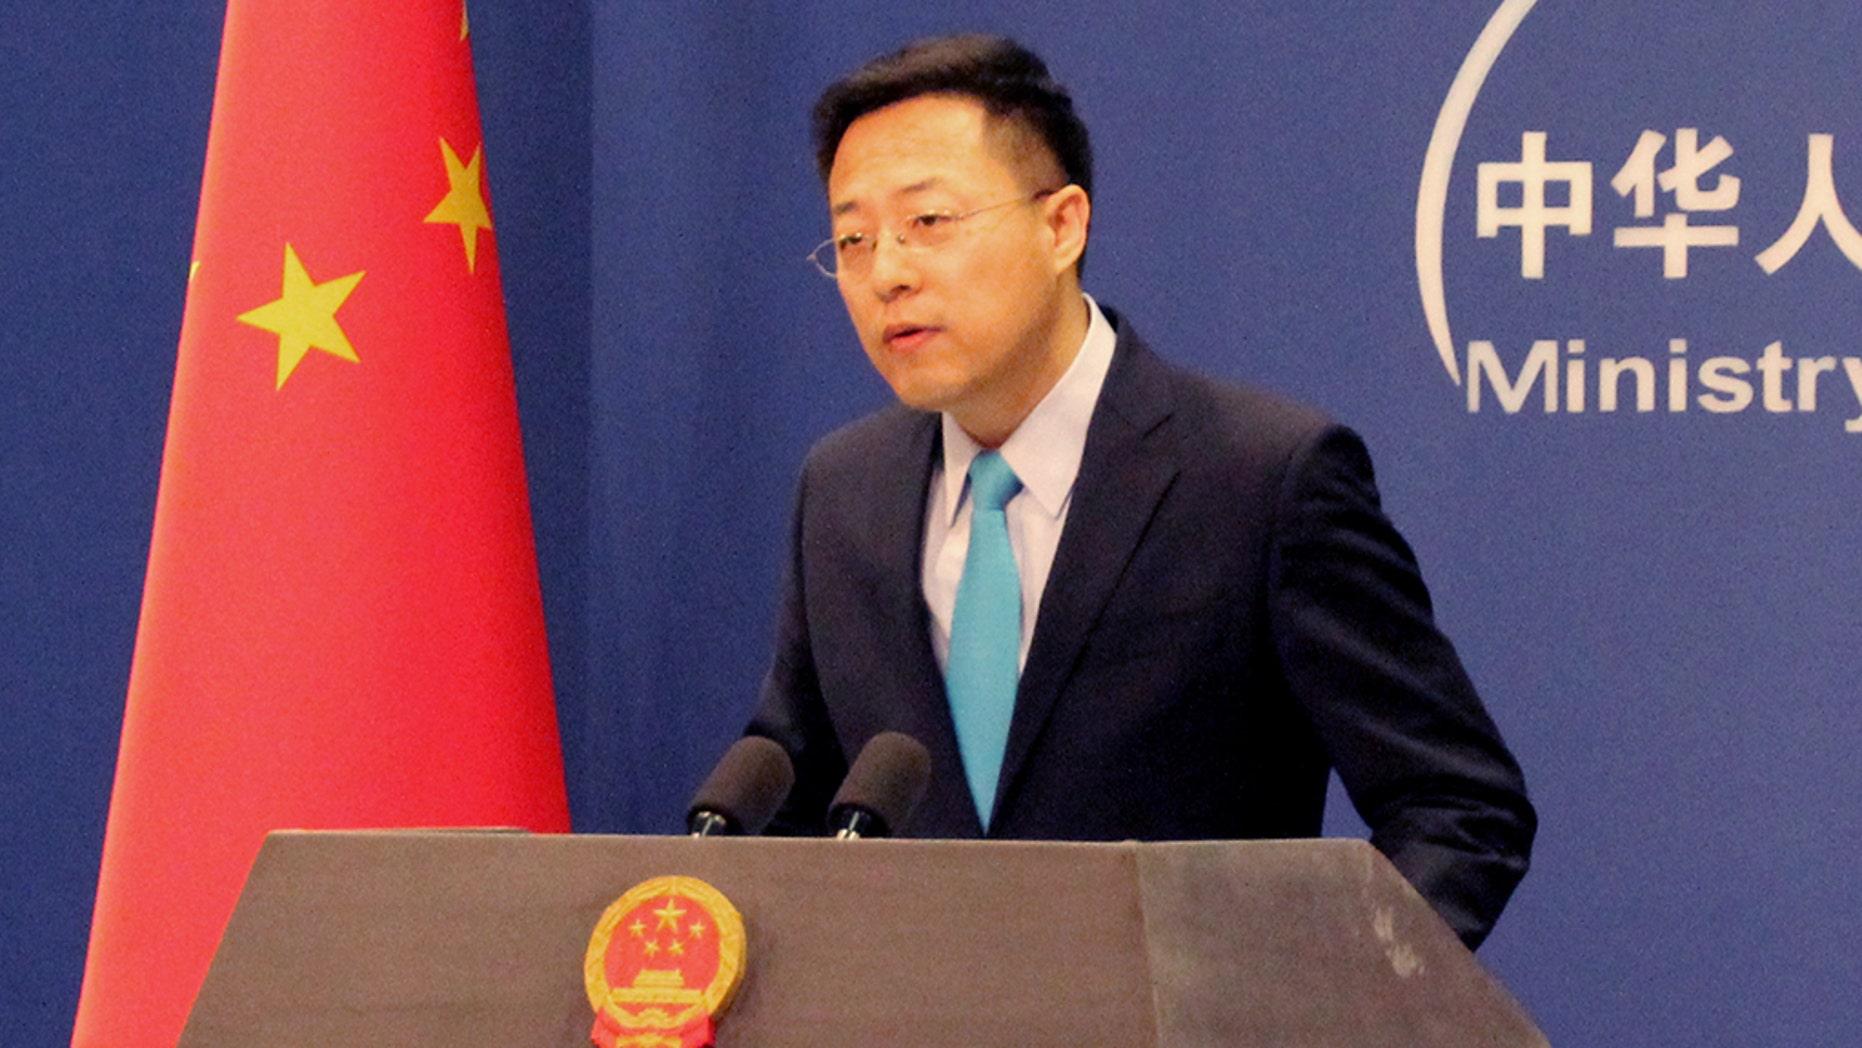 Китая заявил, что поддержит ВОЗ: aizen_tt — LiveJournal